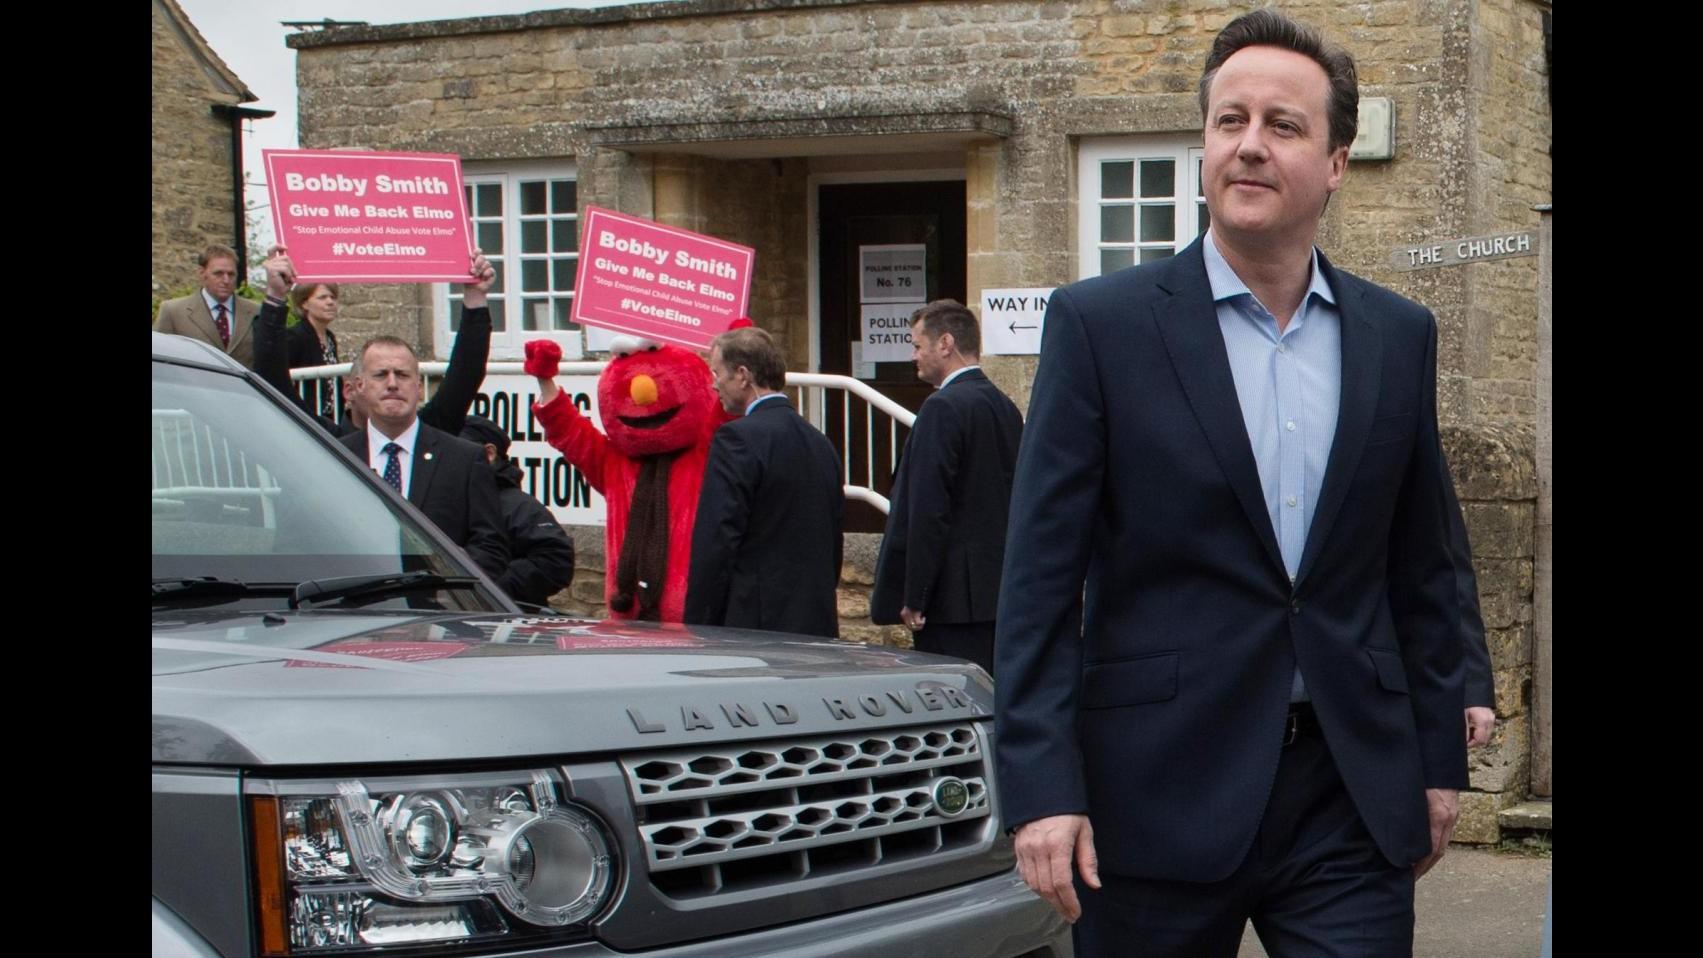 Regno Unito, exit poll: Cameron in testa con 316 seggi, ai Labour 239